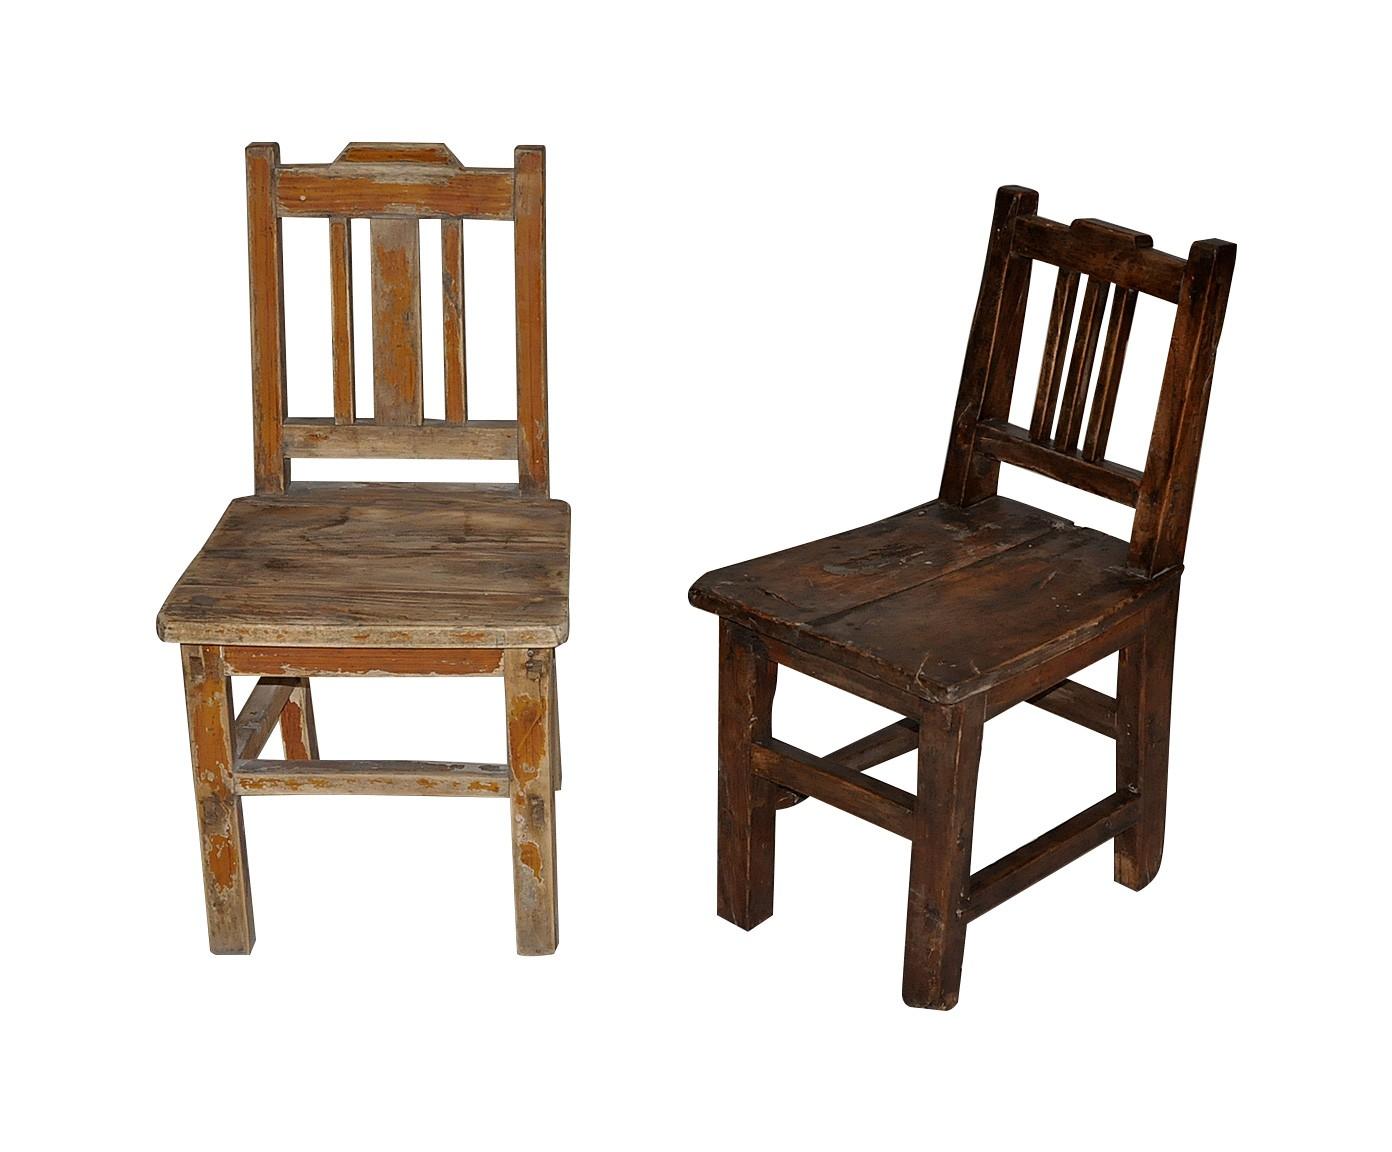 chaise enfant en bois demeure et jardin. Black Bedroom Furniture Sets. Home Design Ideas